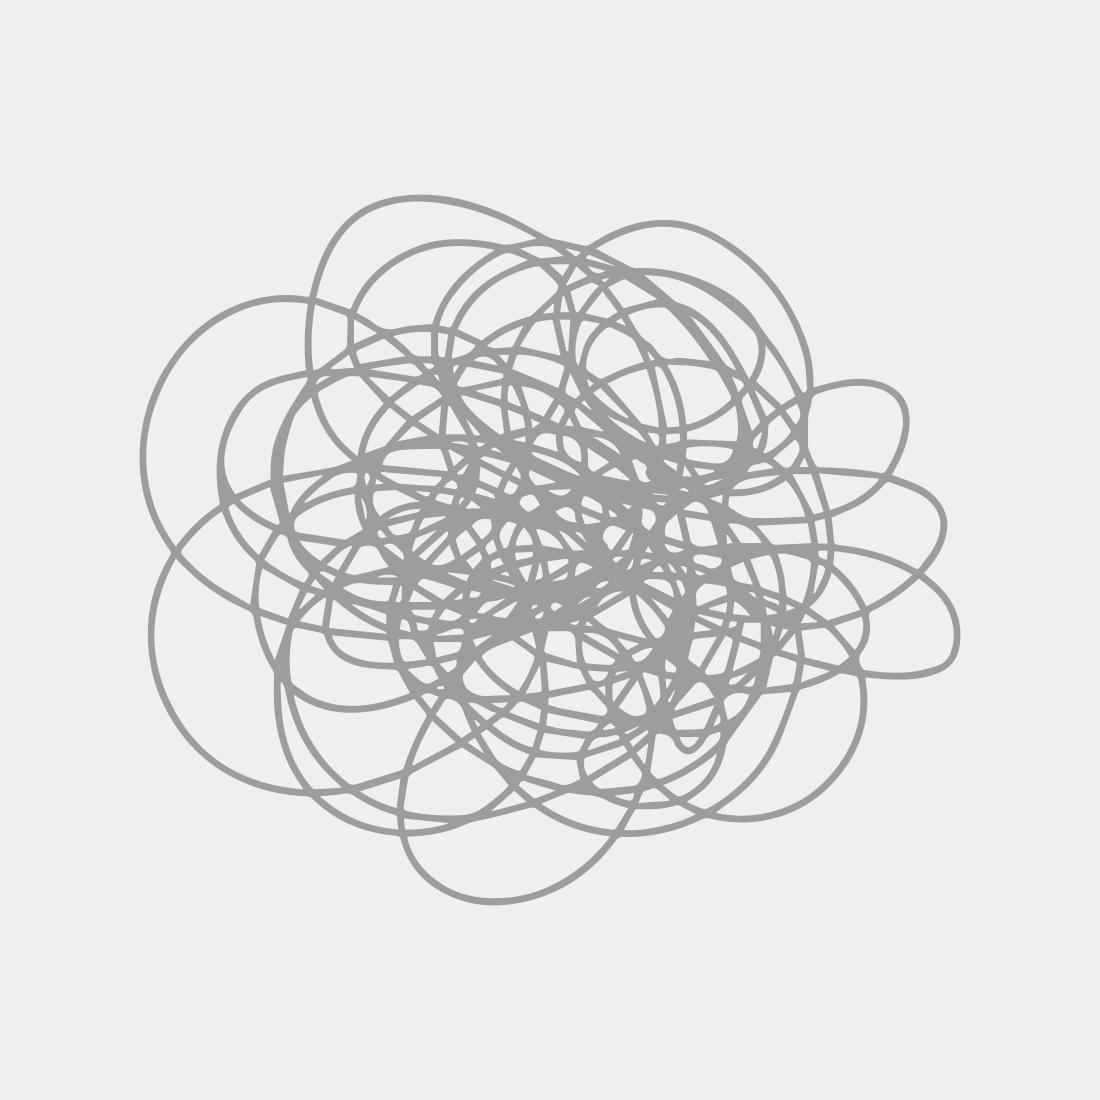 The Still Life Sketchbook